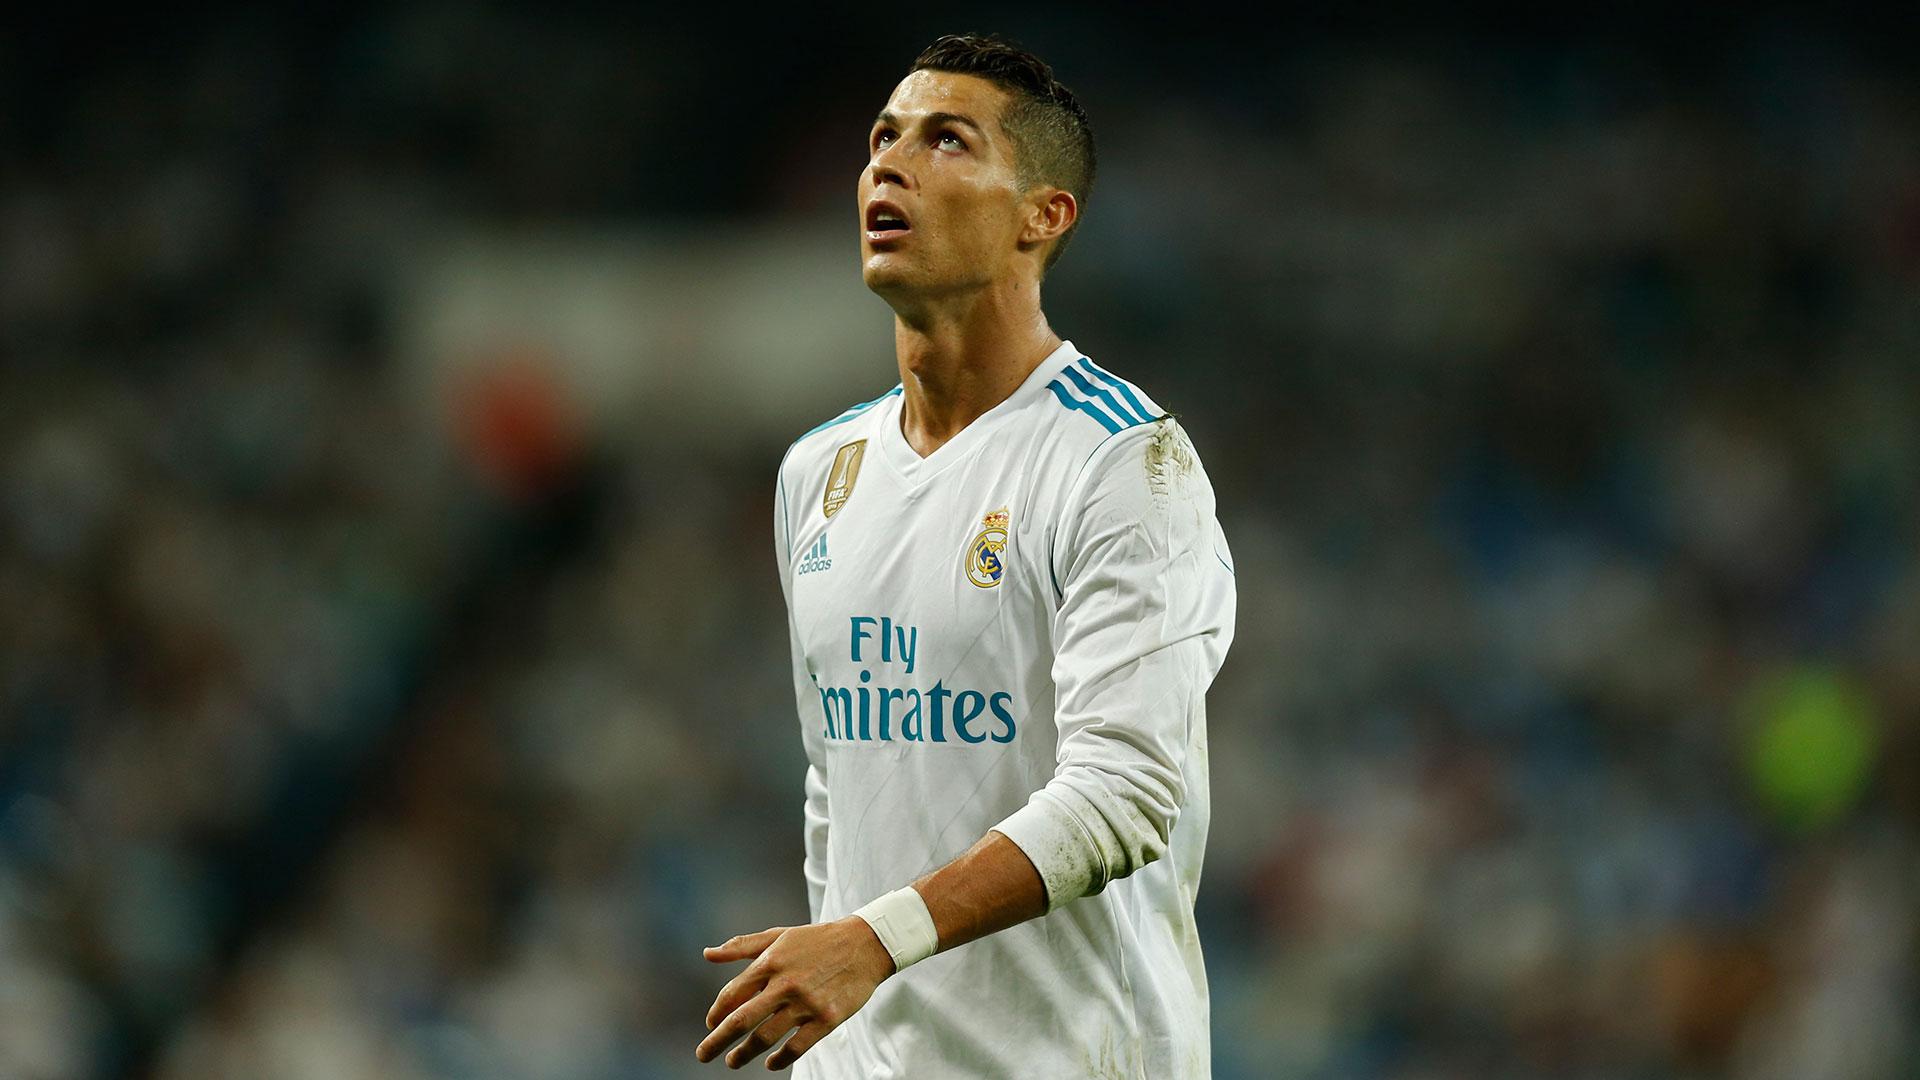 Es la tercera derrota del Real Madrid en el Santiago Bernabéu desde la llegada de Zidane como entrenador